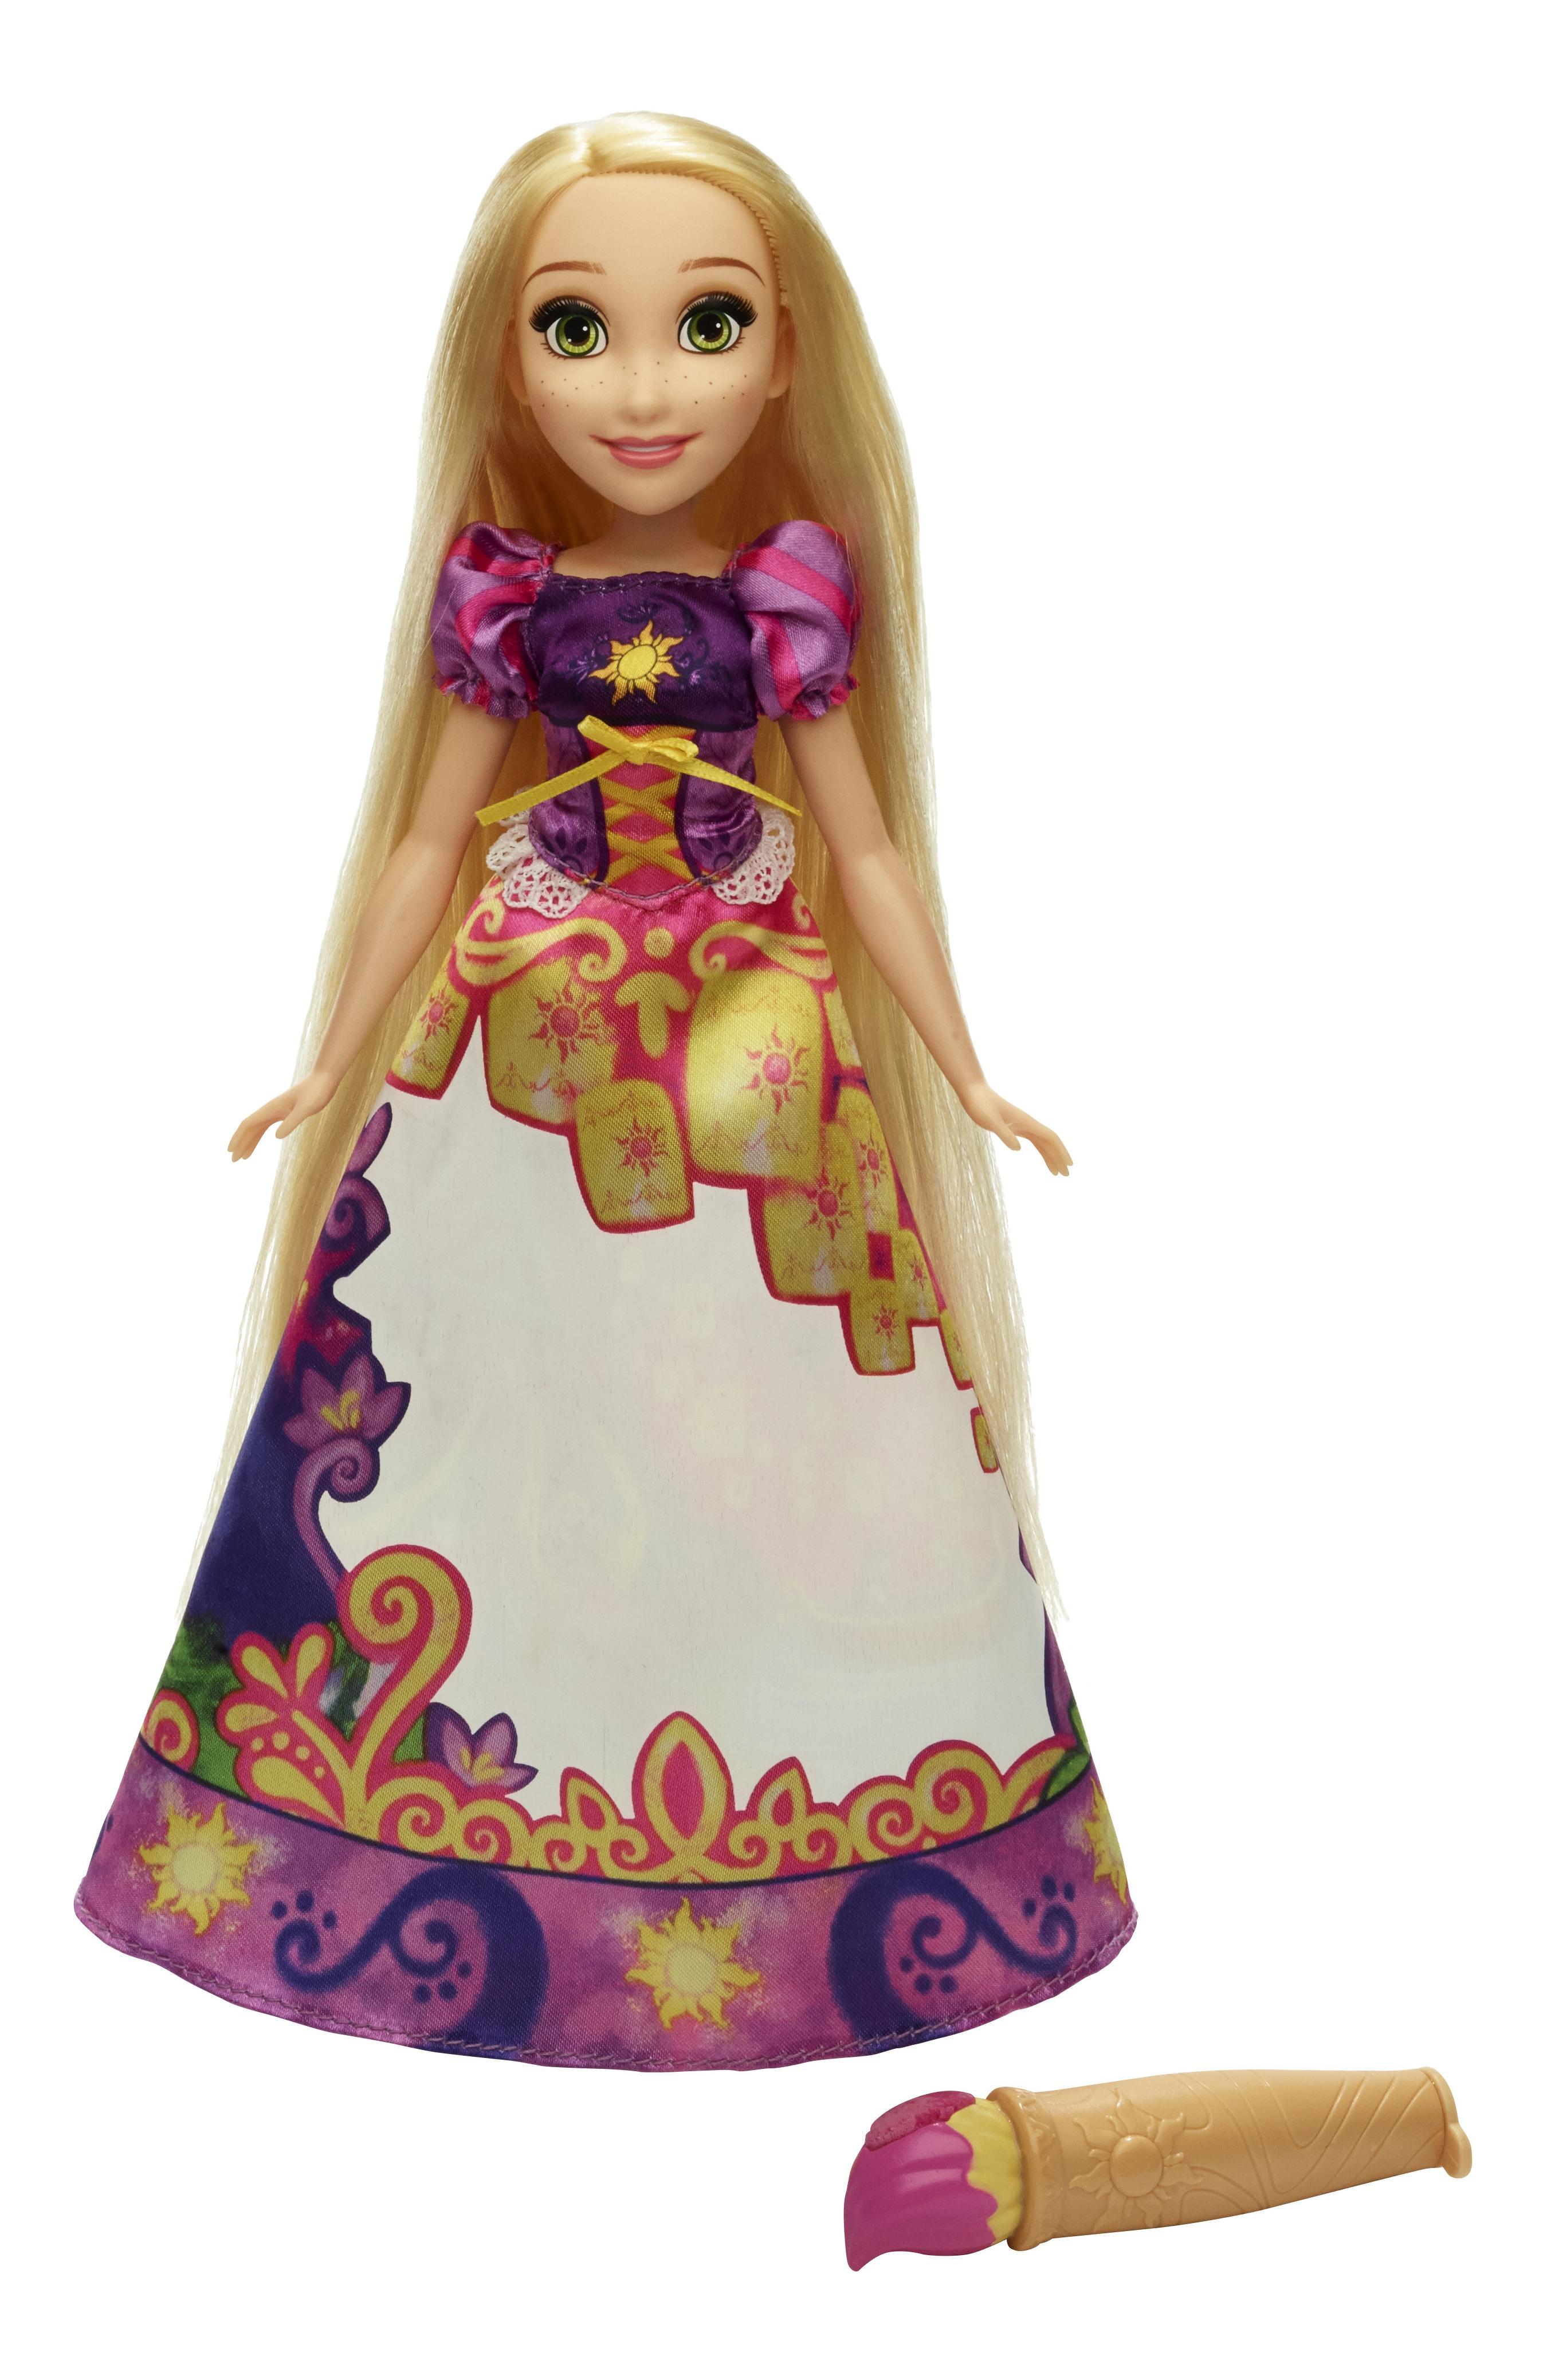 Купить Кукла Disney модная Принцесса в юбке с проявляющимся принтом b5295 b5297, Hasbro, Классические куклы